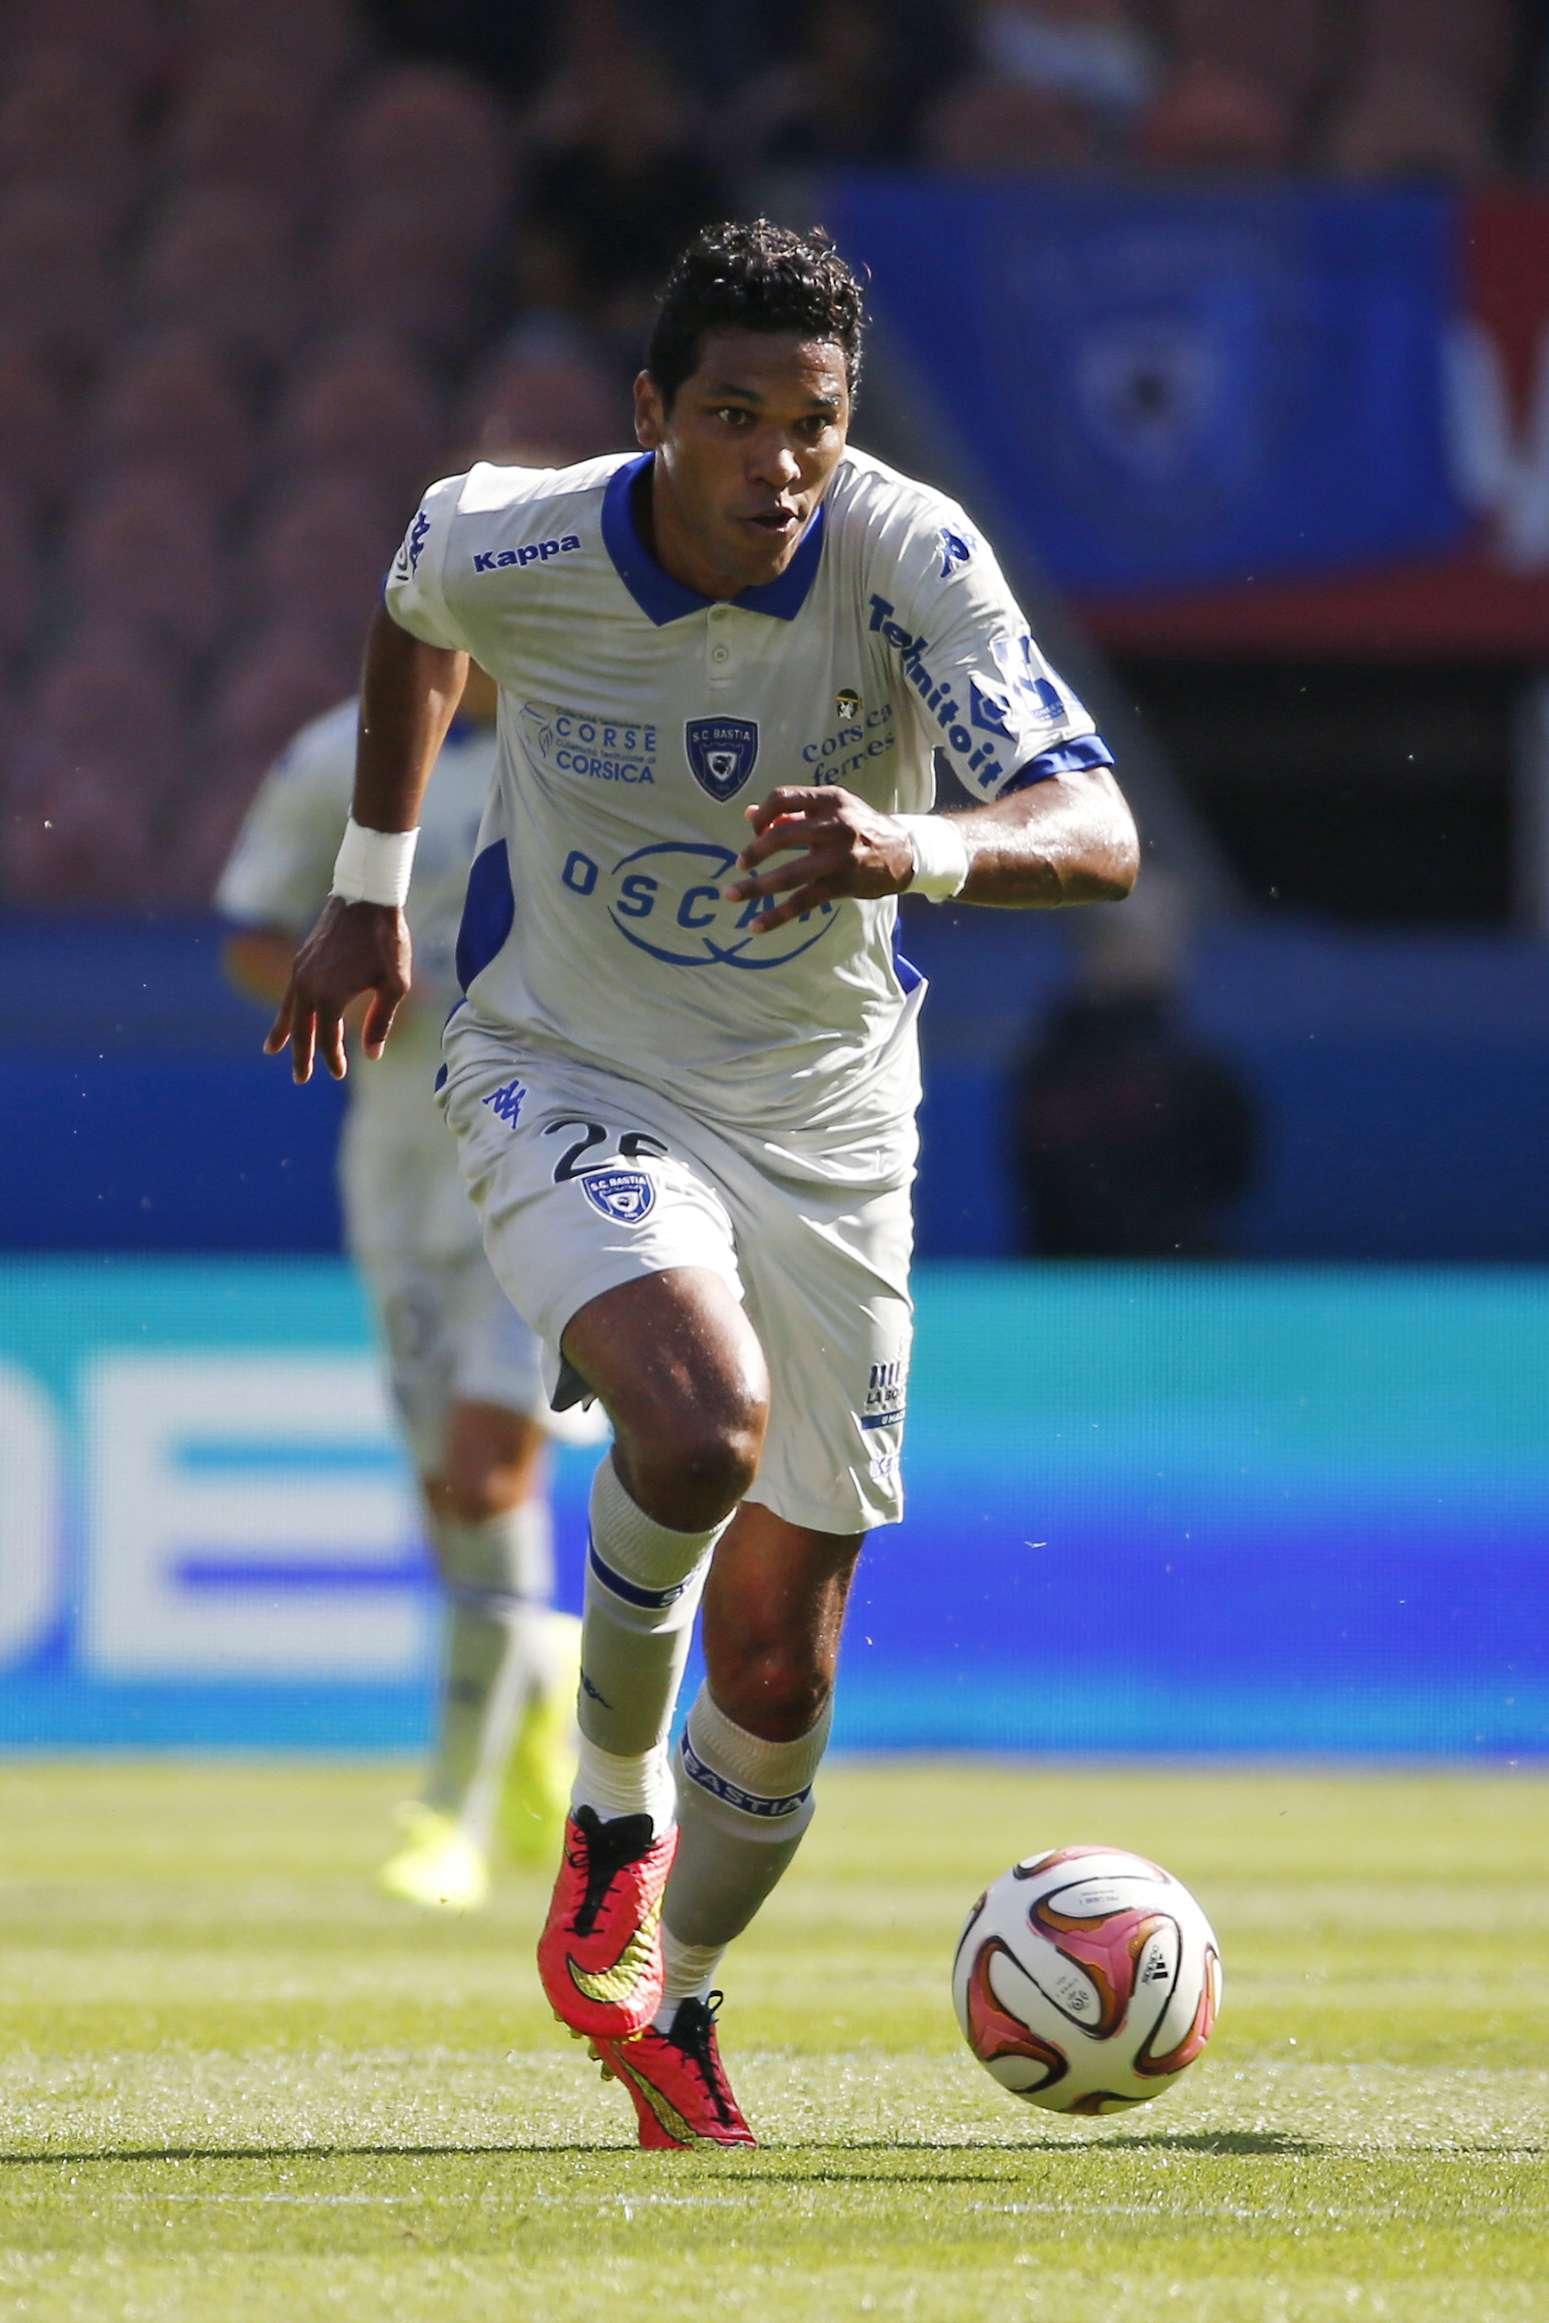 Bastia no sanciona a Brandao tras el incidente con Motta